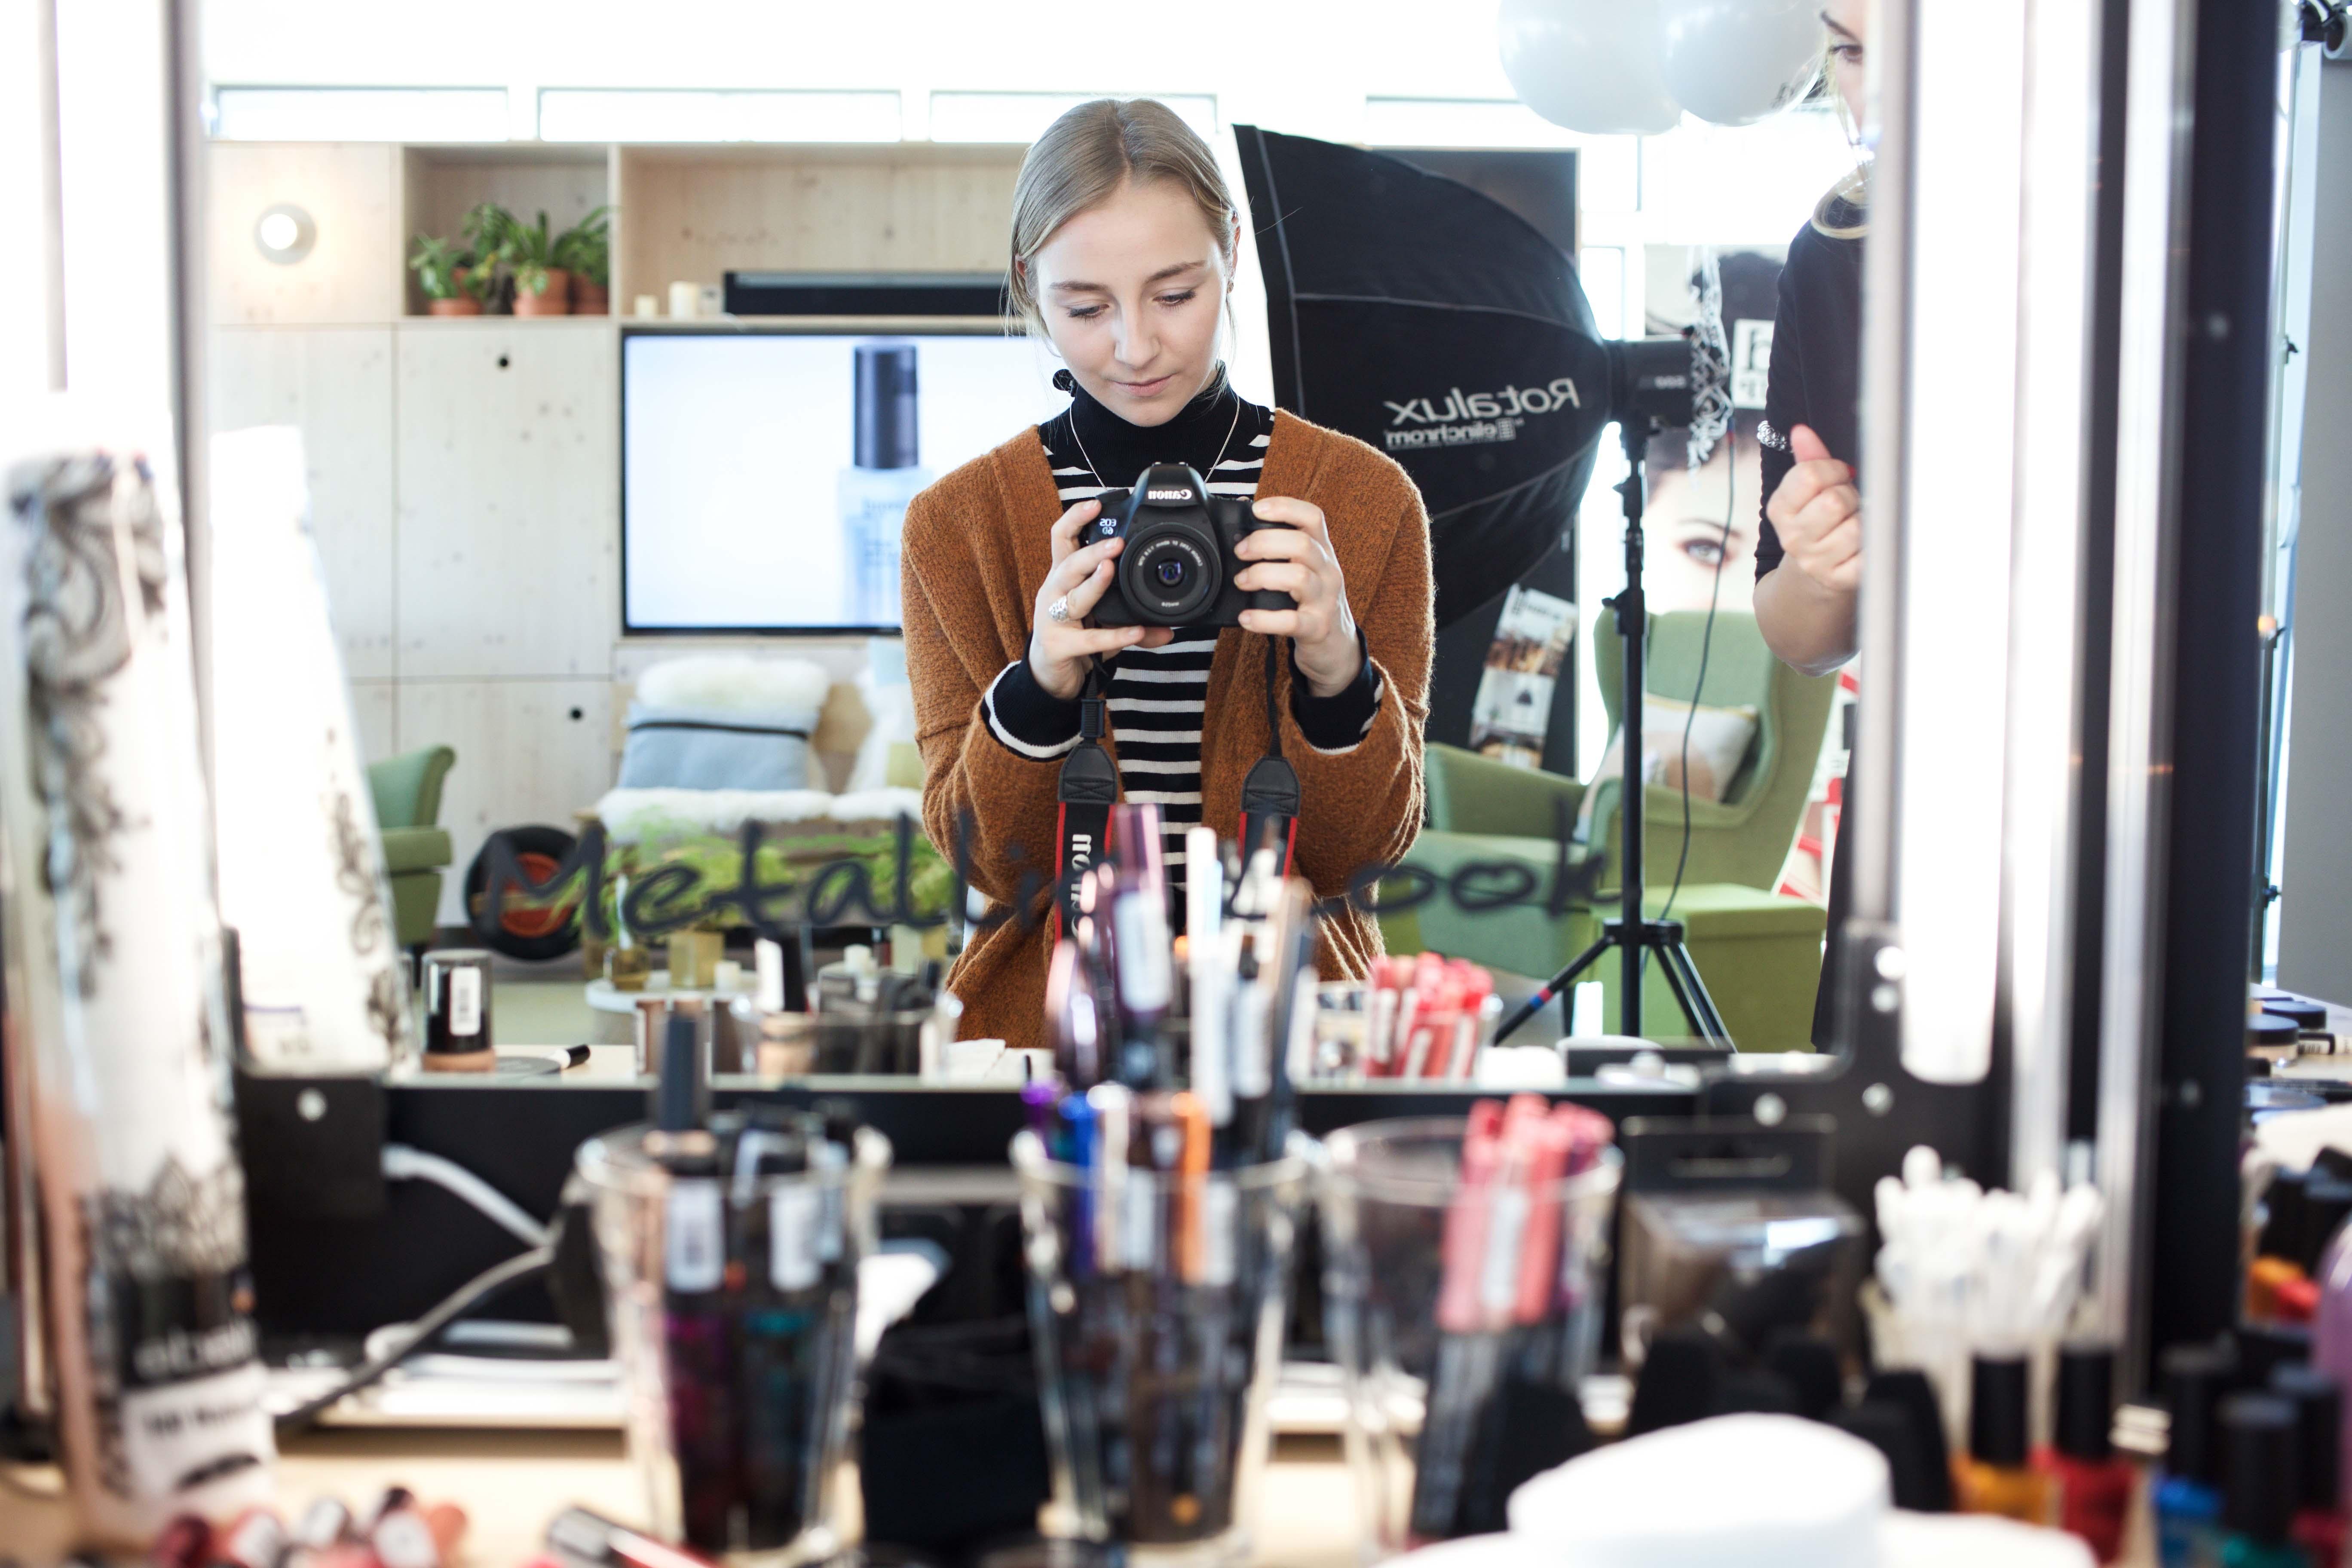 dm-trend-it-up-neuheiten-beauty-make-up-muc_9927